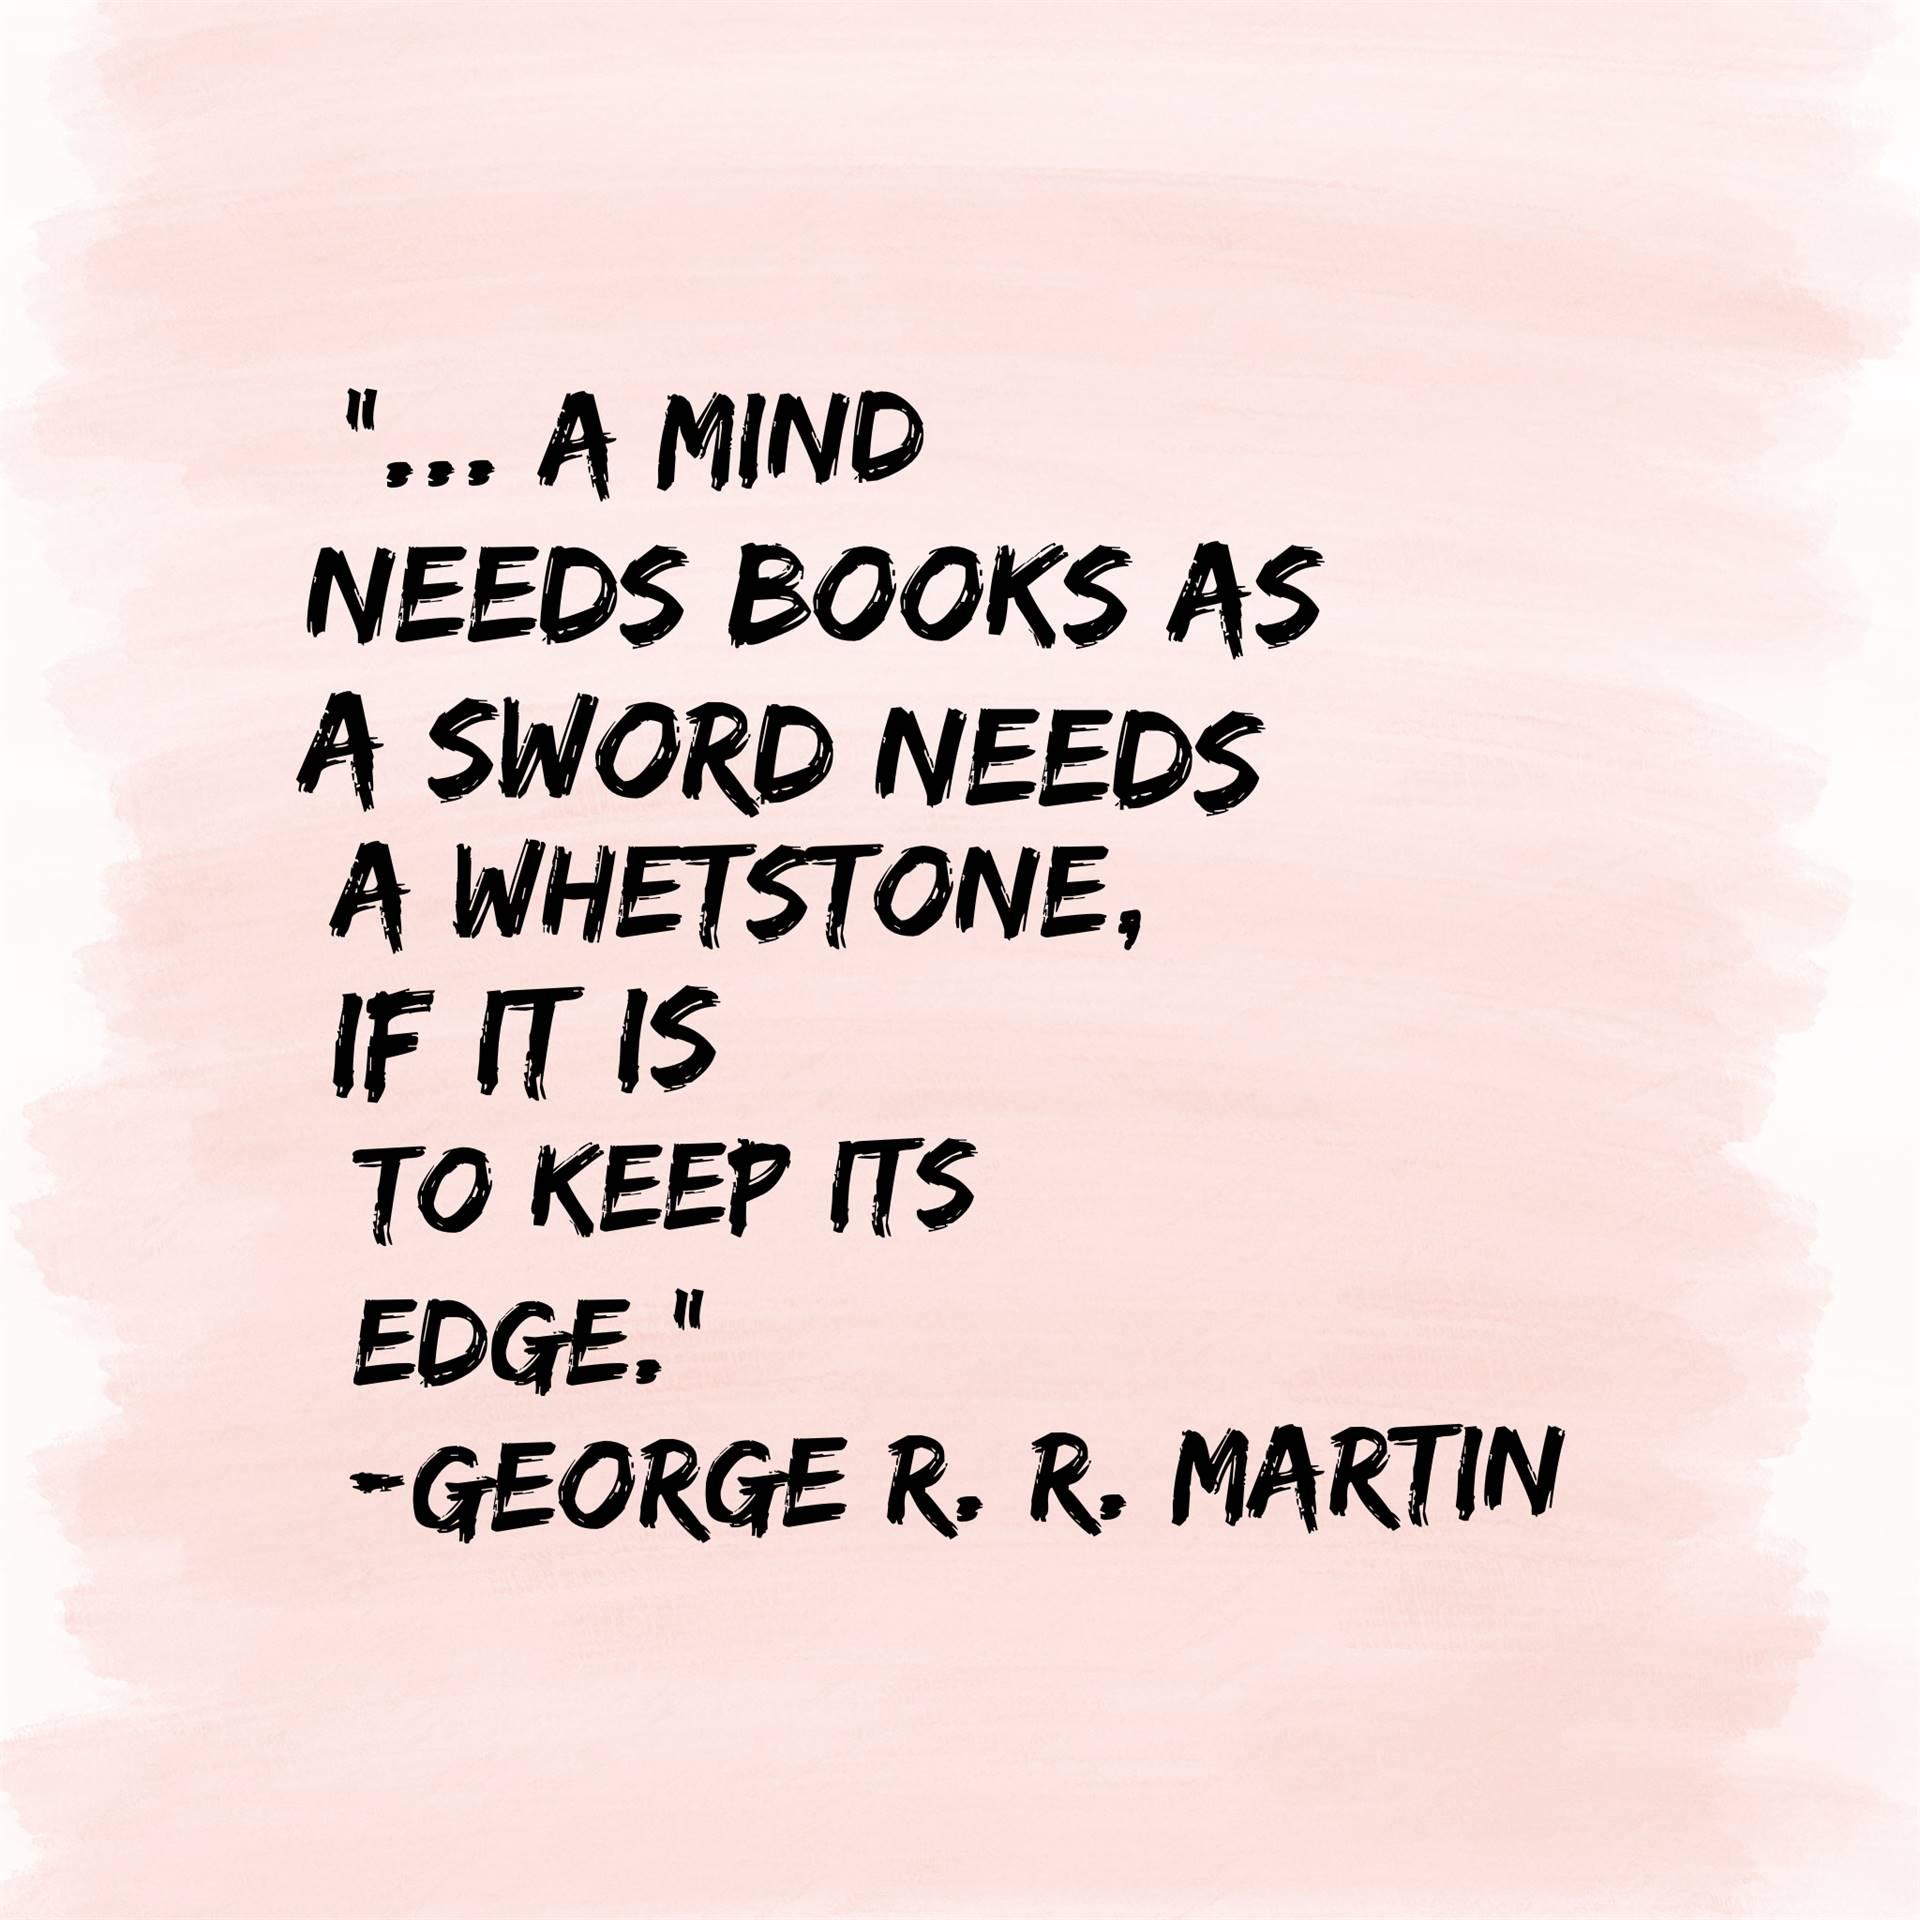 George R.R. Martin Quote